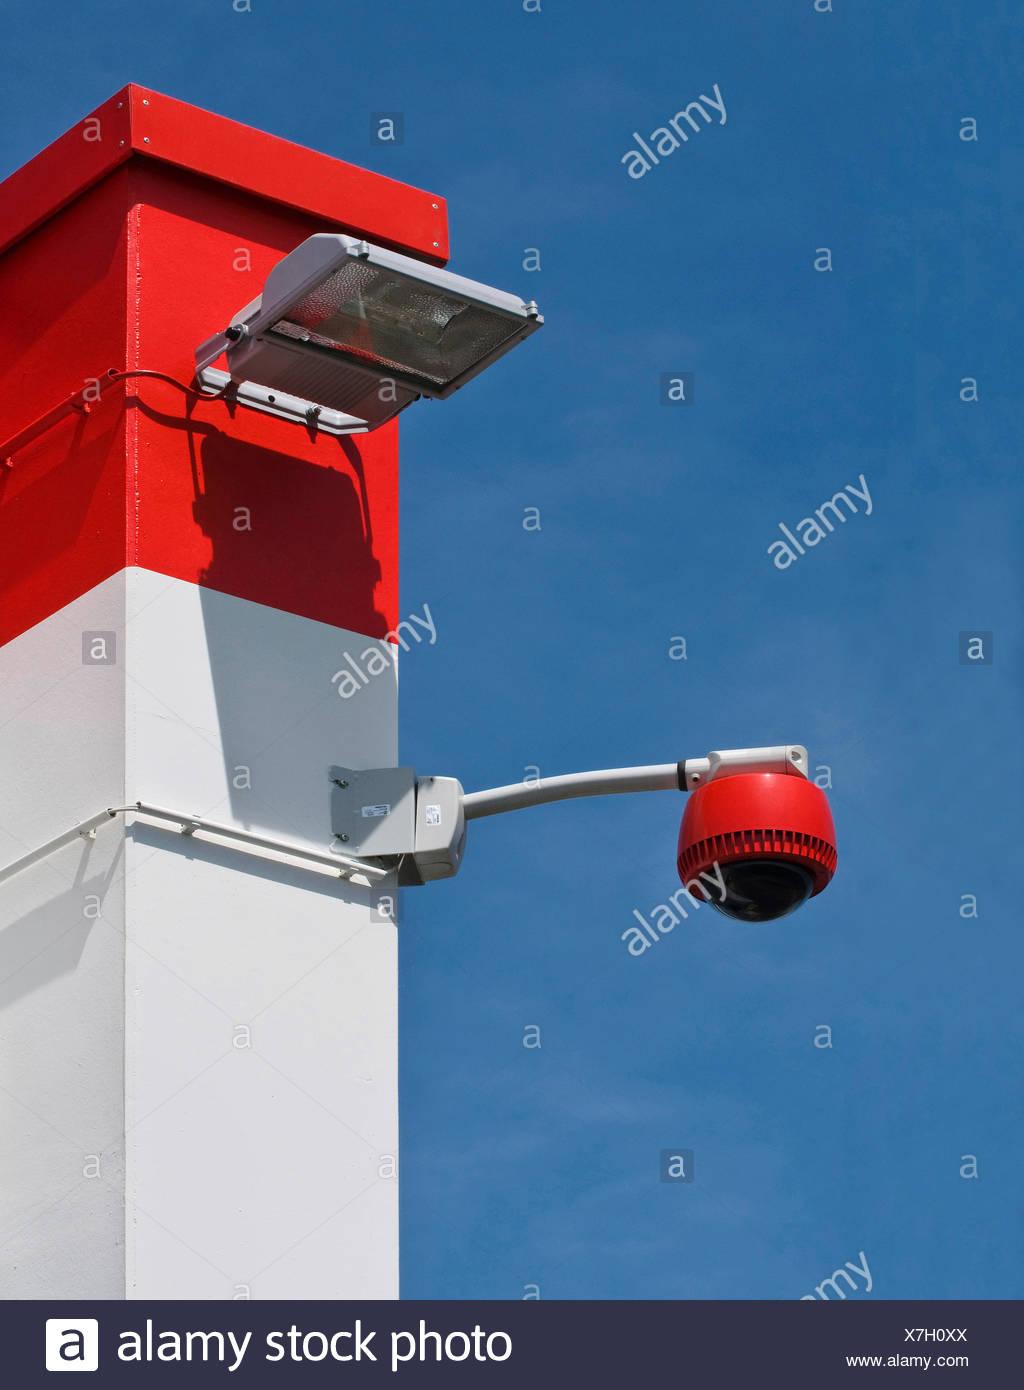 Appareil photo à 360 degrés sur le mur contre le ciel bleu, la surveillance, la sécurité, PublicGround Photo Stock